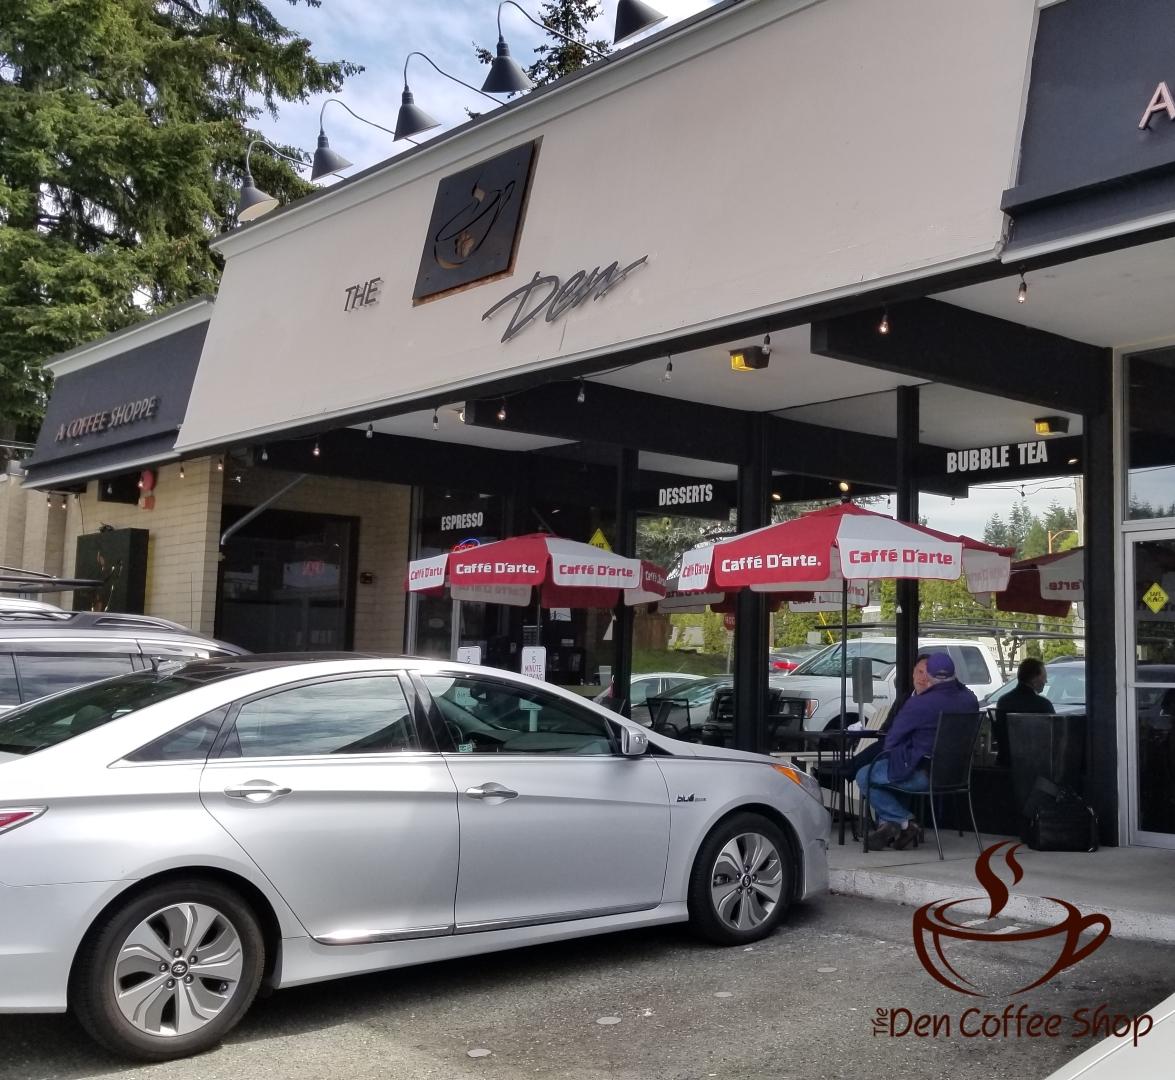 The Den Coffee Shop Bothell Washington